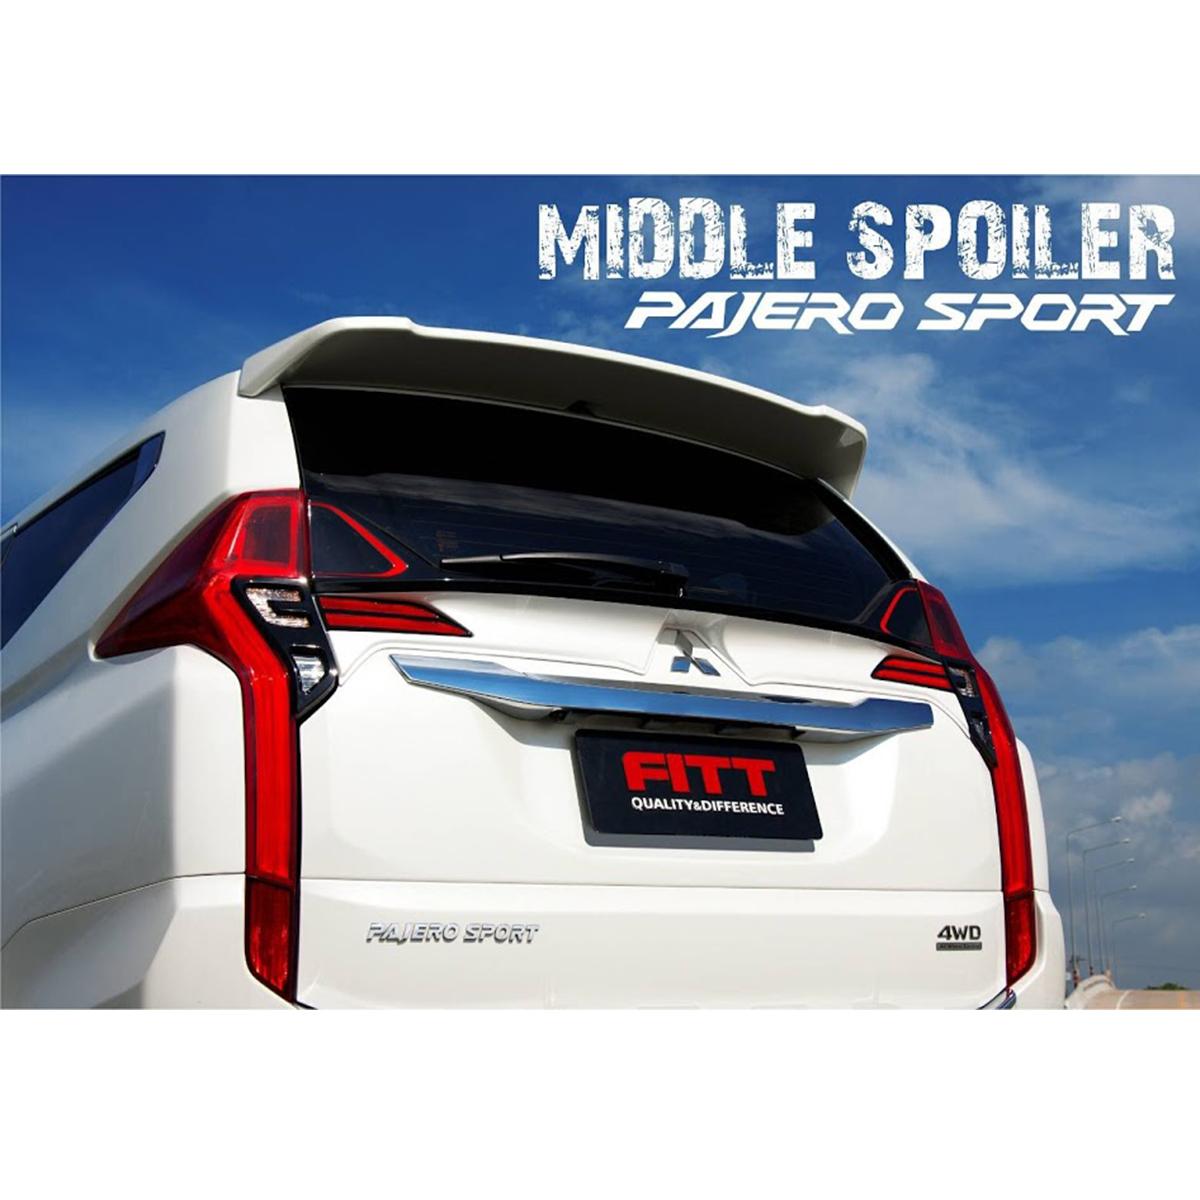 Mitsubishi Montero Pajero Sport Tailgate Spoiler Colour: Unpaint Rear Spoiler Wing White For Mitsubishi Pajero